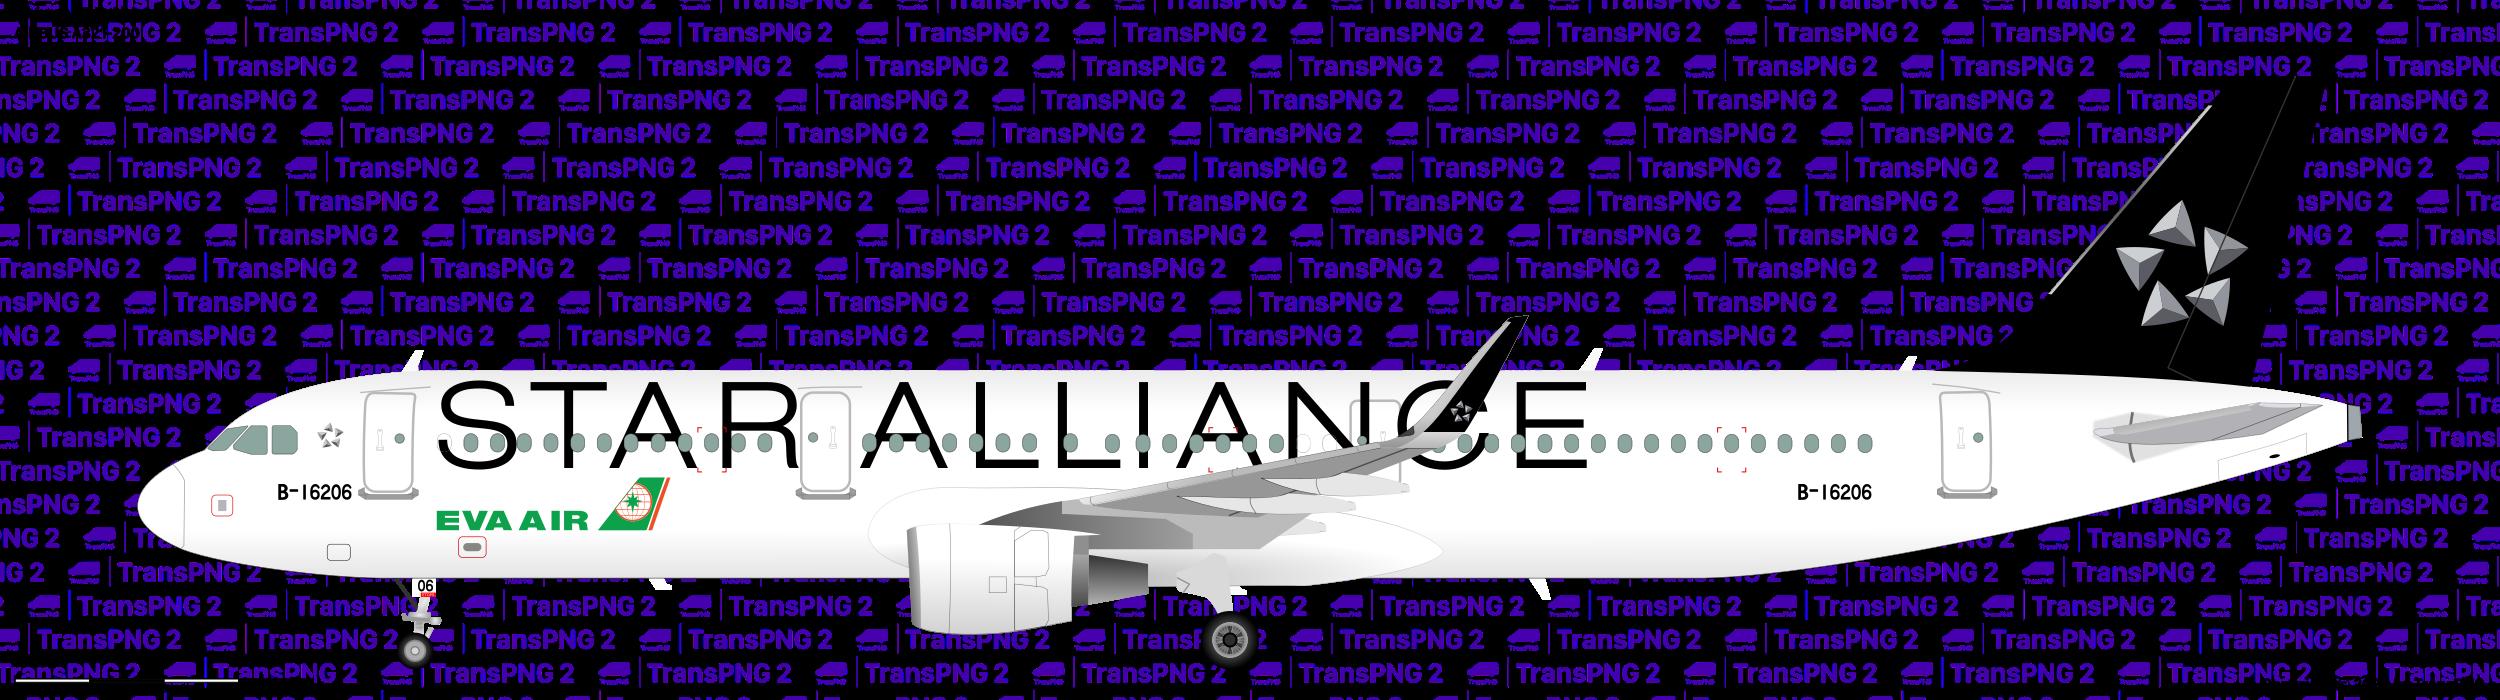 [25072] 長榮航空 25072